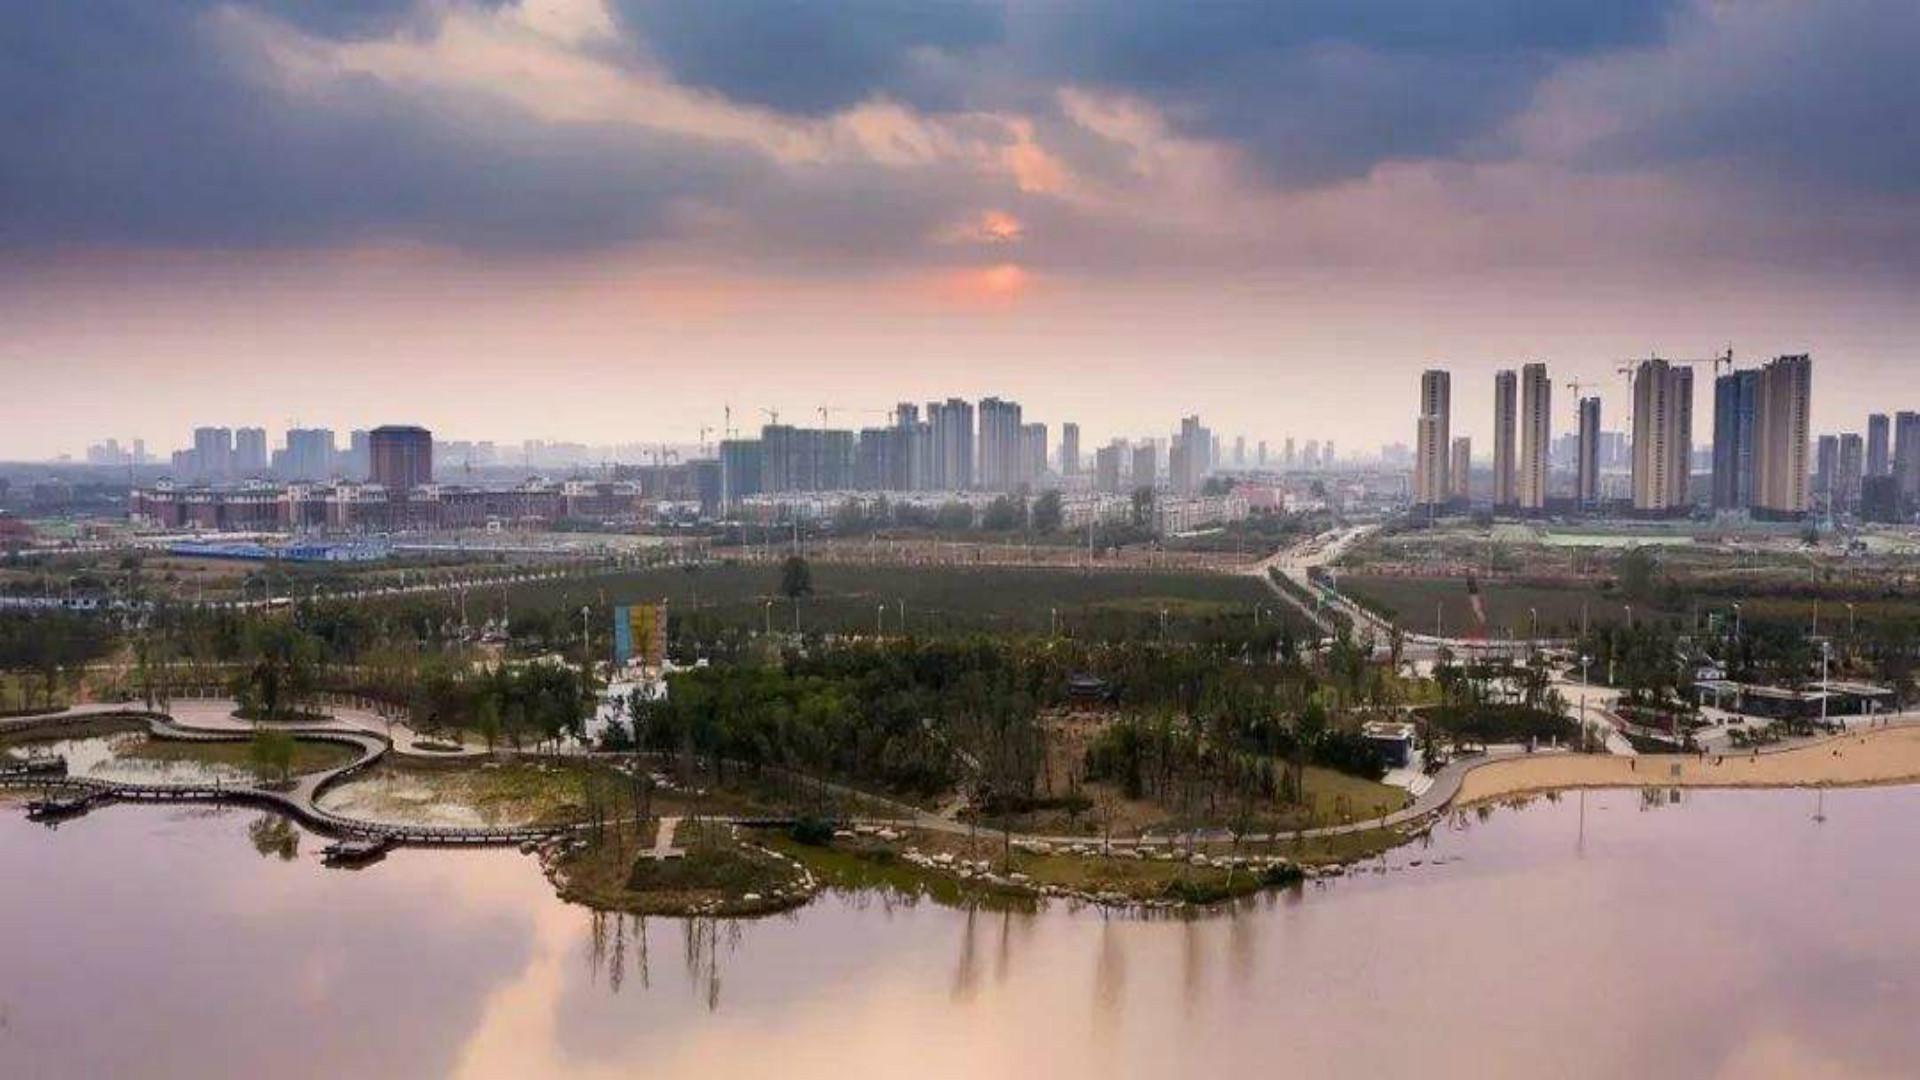 安徽、江苏正合力规划一高铁,沿途共设8站,这三座城市或将爆发